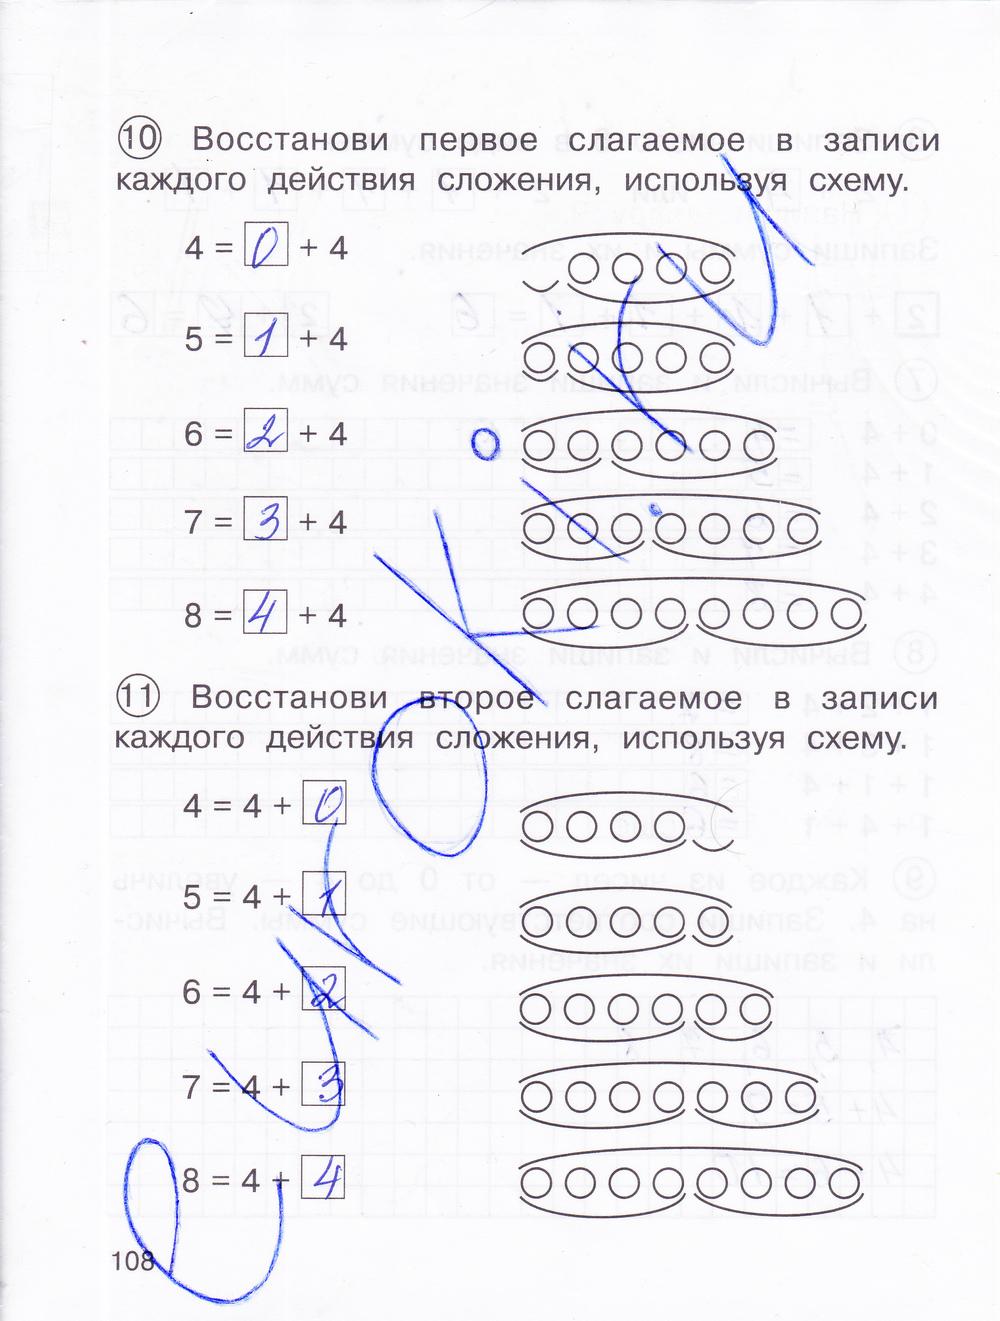 ГДЗ по математике 1 класс рабочая тетрадь Захарова, Юдина Часть 1, 2. Задание: стр. 108